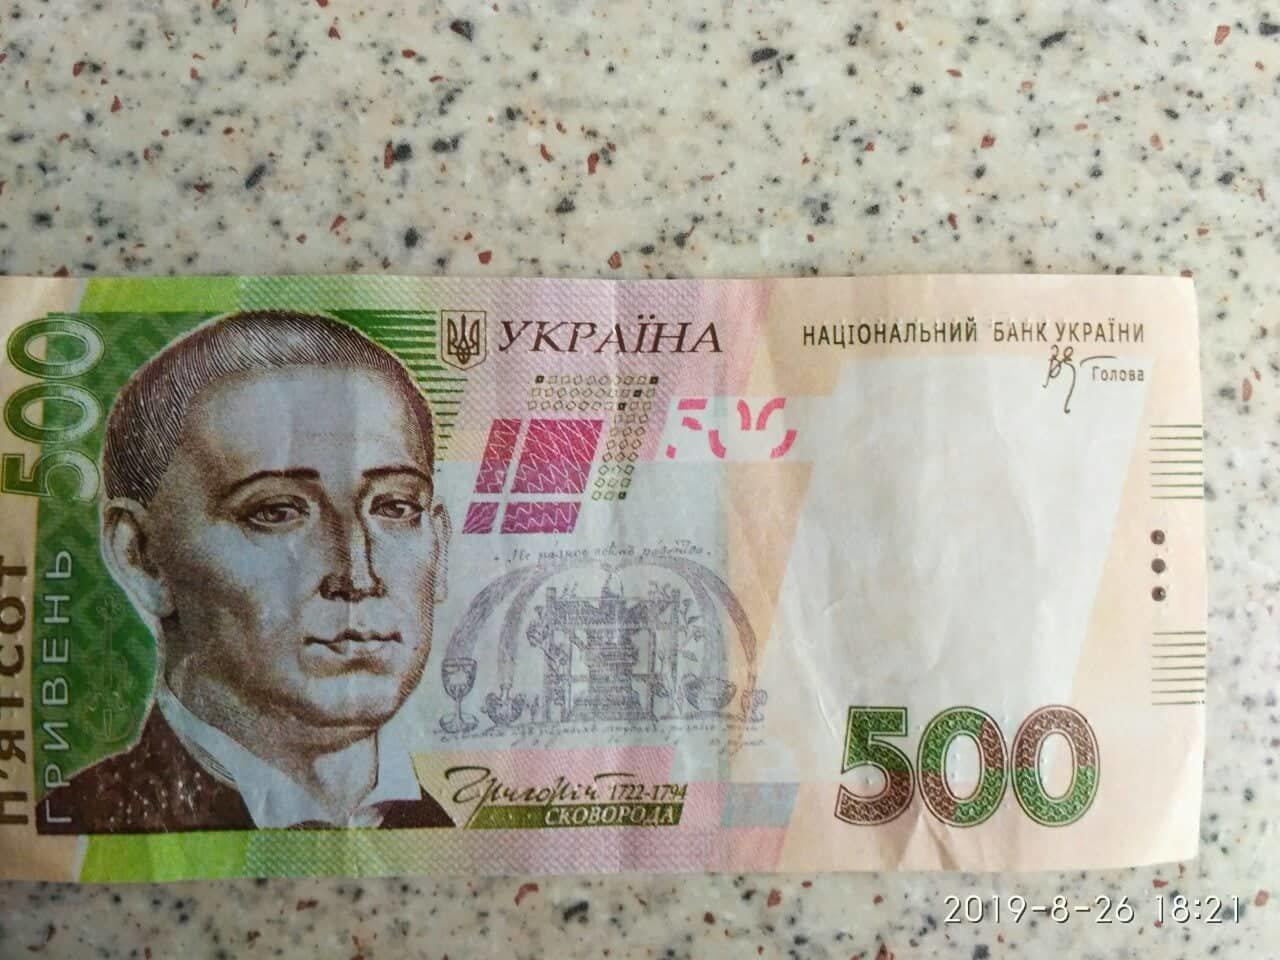 500 гривень - на згадку: На Закарпатті з`явились фальшиві банкноти (ФОТО) , фото-1